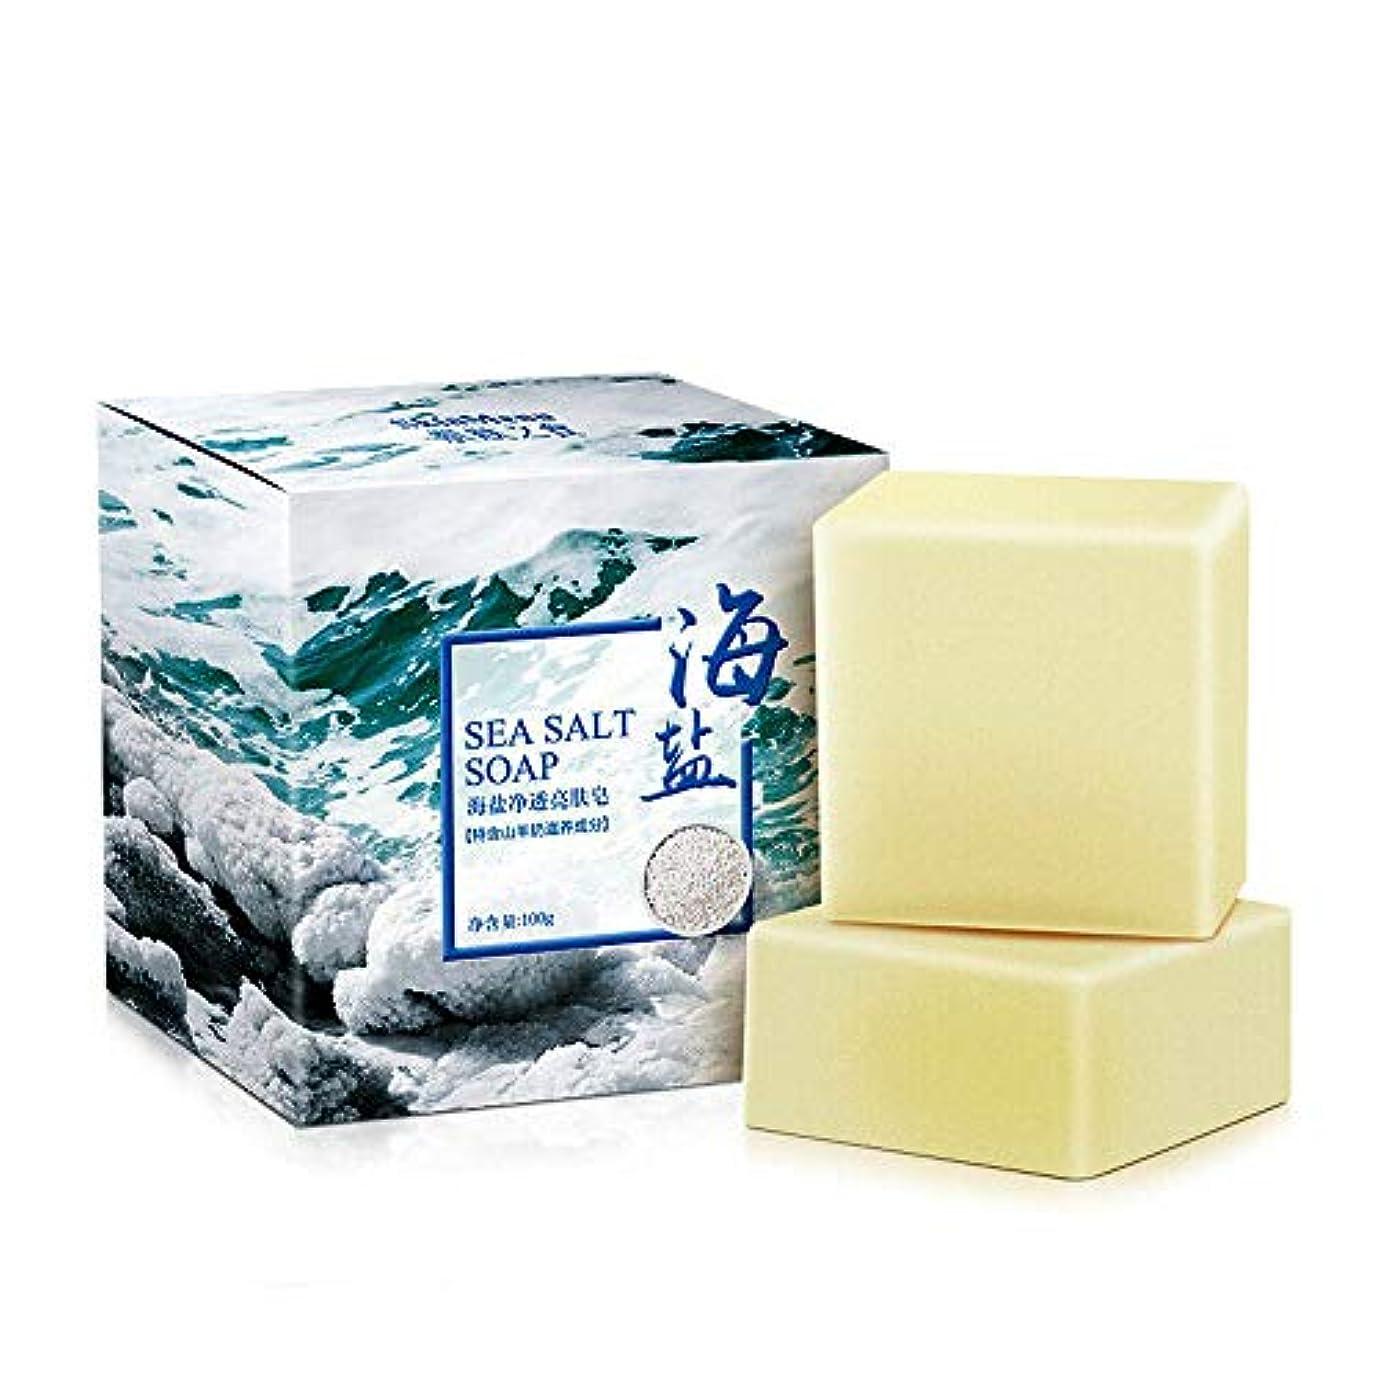 の量断言する意欲せっけん 石鹸 海塩 山羊乳 洗顔 ボディ用 浴用せっけん しっとり肌 植物性 無添加 白い 100g×1個入 (#2)